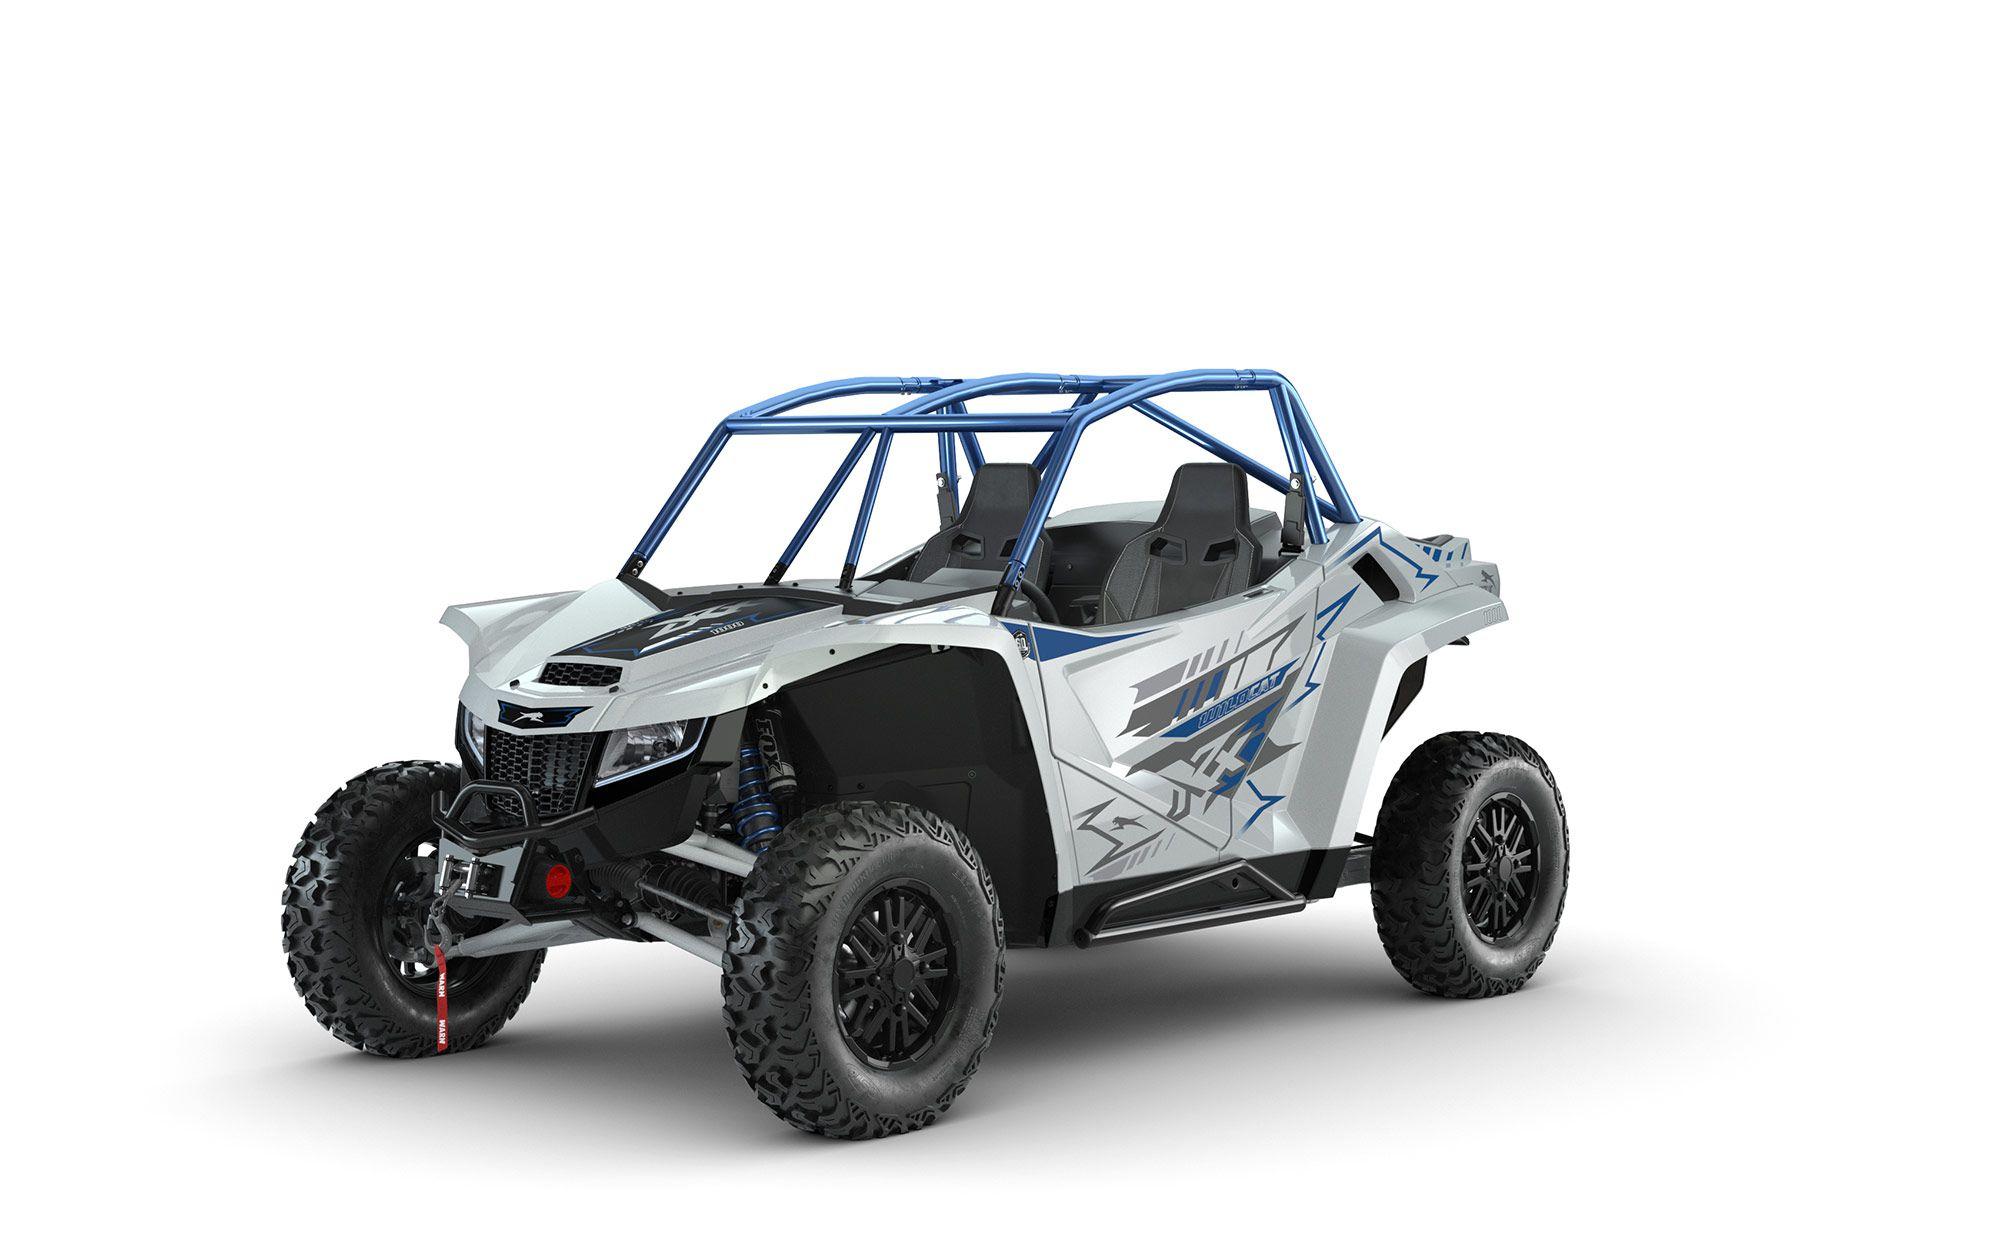 2022 Arctic Cat Wildcat XX SE model in Phantom Gray.